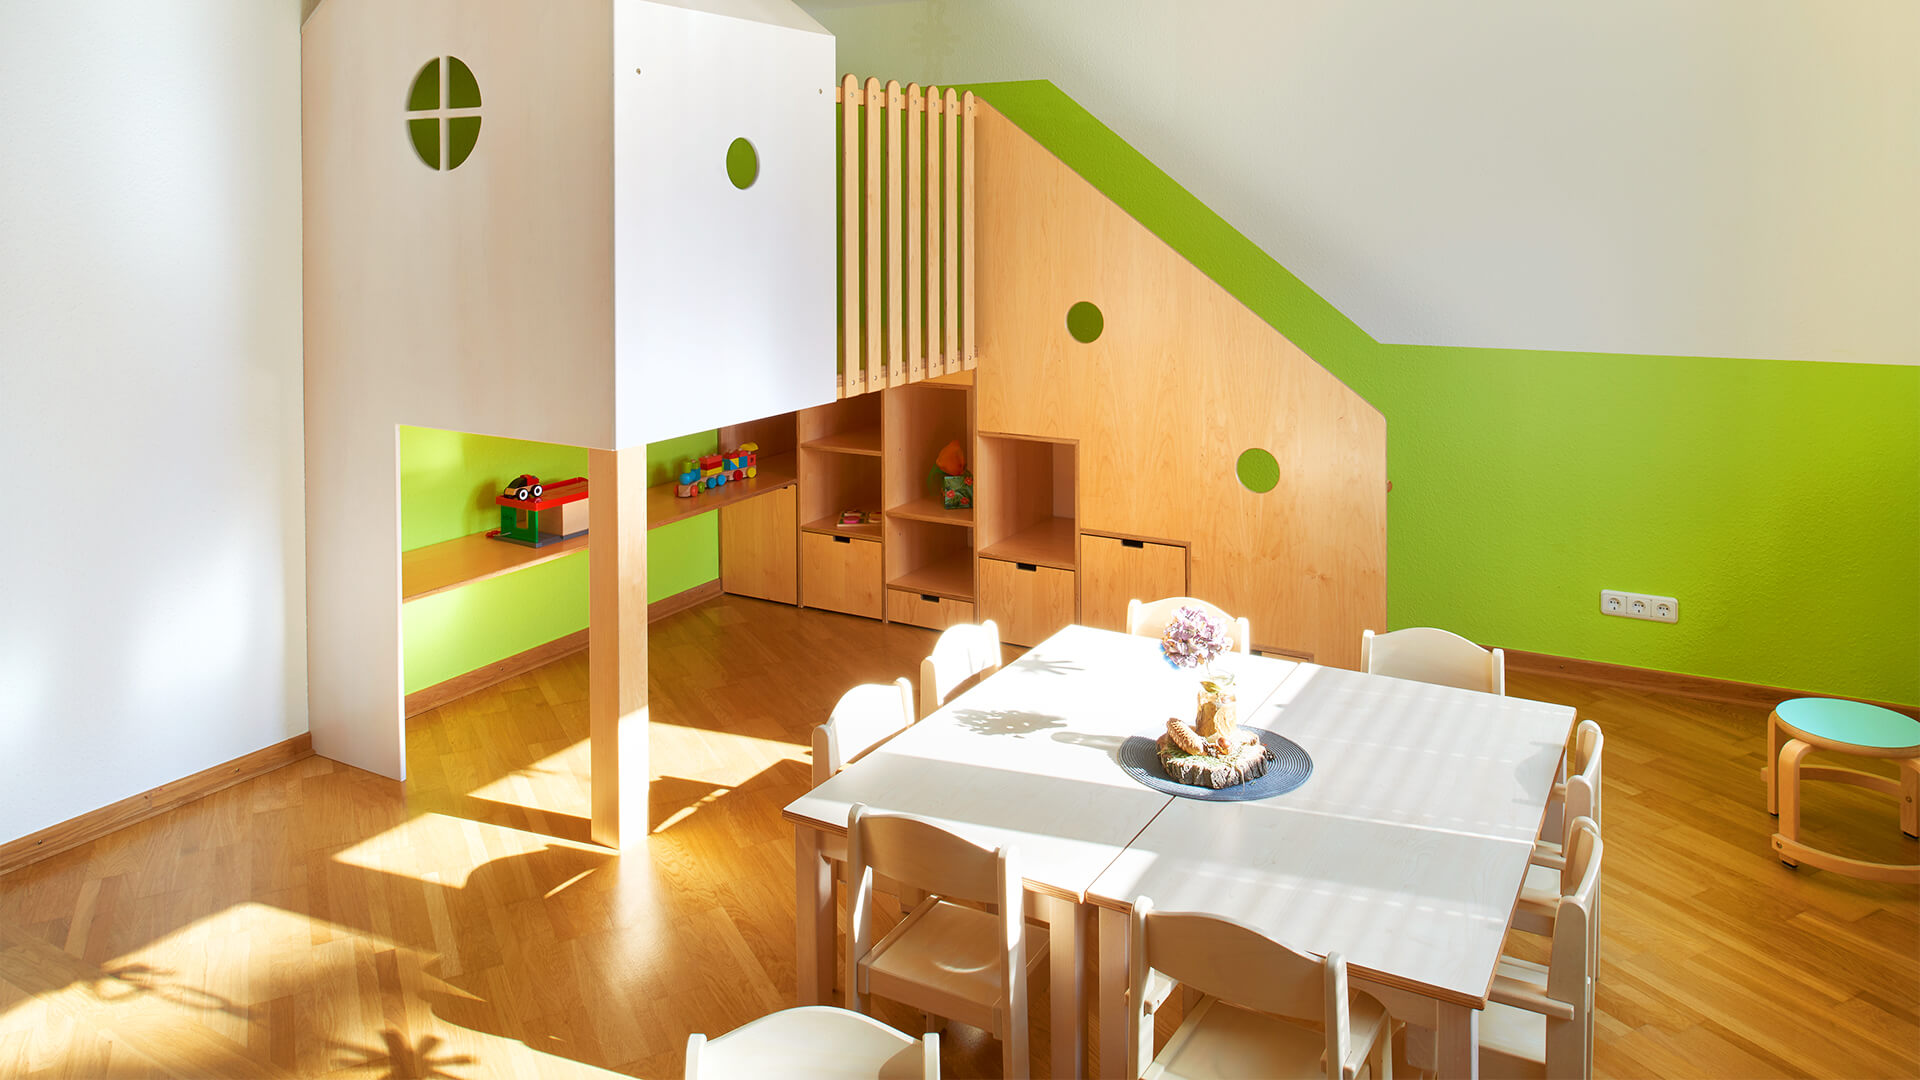 Freundlich-grüner Essbereich mit Sonnenschein und Stühlen für viele Kinder